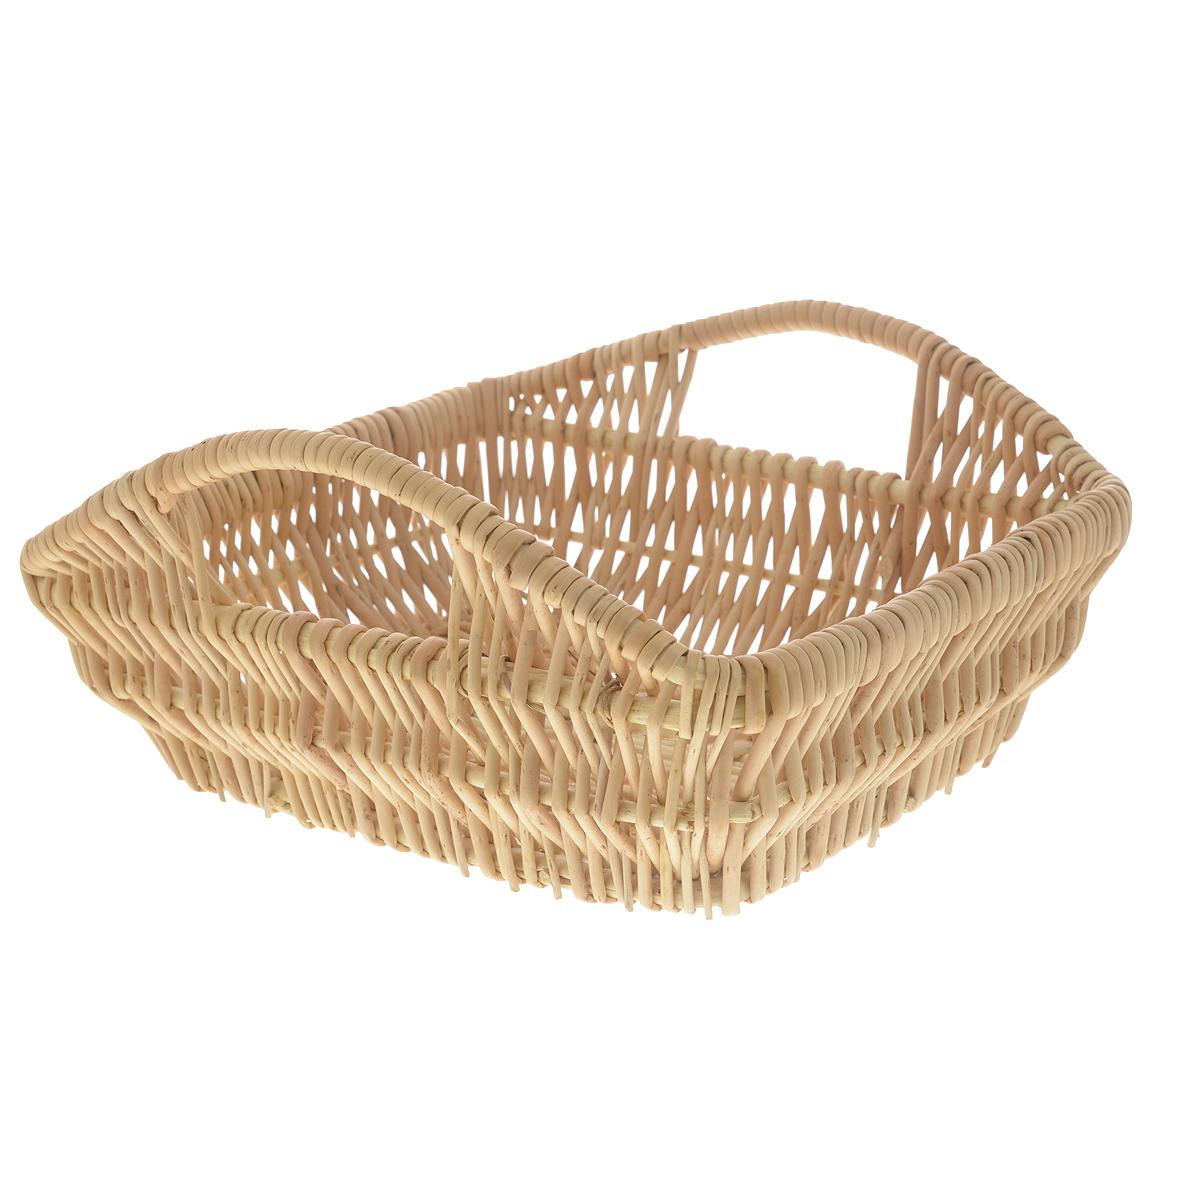 Корзина Kesper, 29 см х 23 см х 9,5 см1983-6Прямоугольная корзина Kesper изготовлена из натурального плетеного волокна. Она предназначена для хранения фруктов, хлеба, а также мелочей дома или на даче. Позволяет хранить мелкие вещи, исключая возможность их потери. Изделие оснащено удобными ручками. Корзина очень вместительная. Элегантный выдержанный дизайн позволяет органично вписаться в ваш интерьер и стать его элементом. Материал: натуральное волокно. Размер корзины по верхнему краю (без учета ручек): 29 см х 23 см. Размер корзины по верхнему краю (с учетом ручек): 29 см х 29 см. Высота корзины (без учета ручек): 9,5 см.